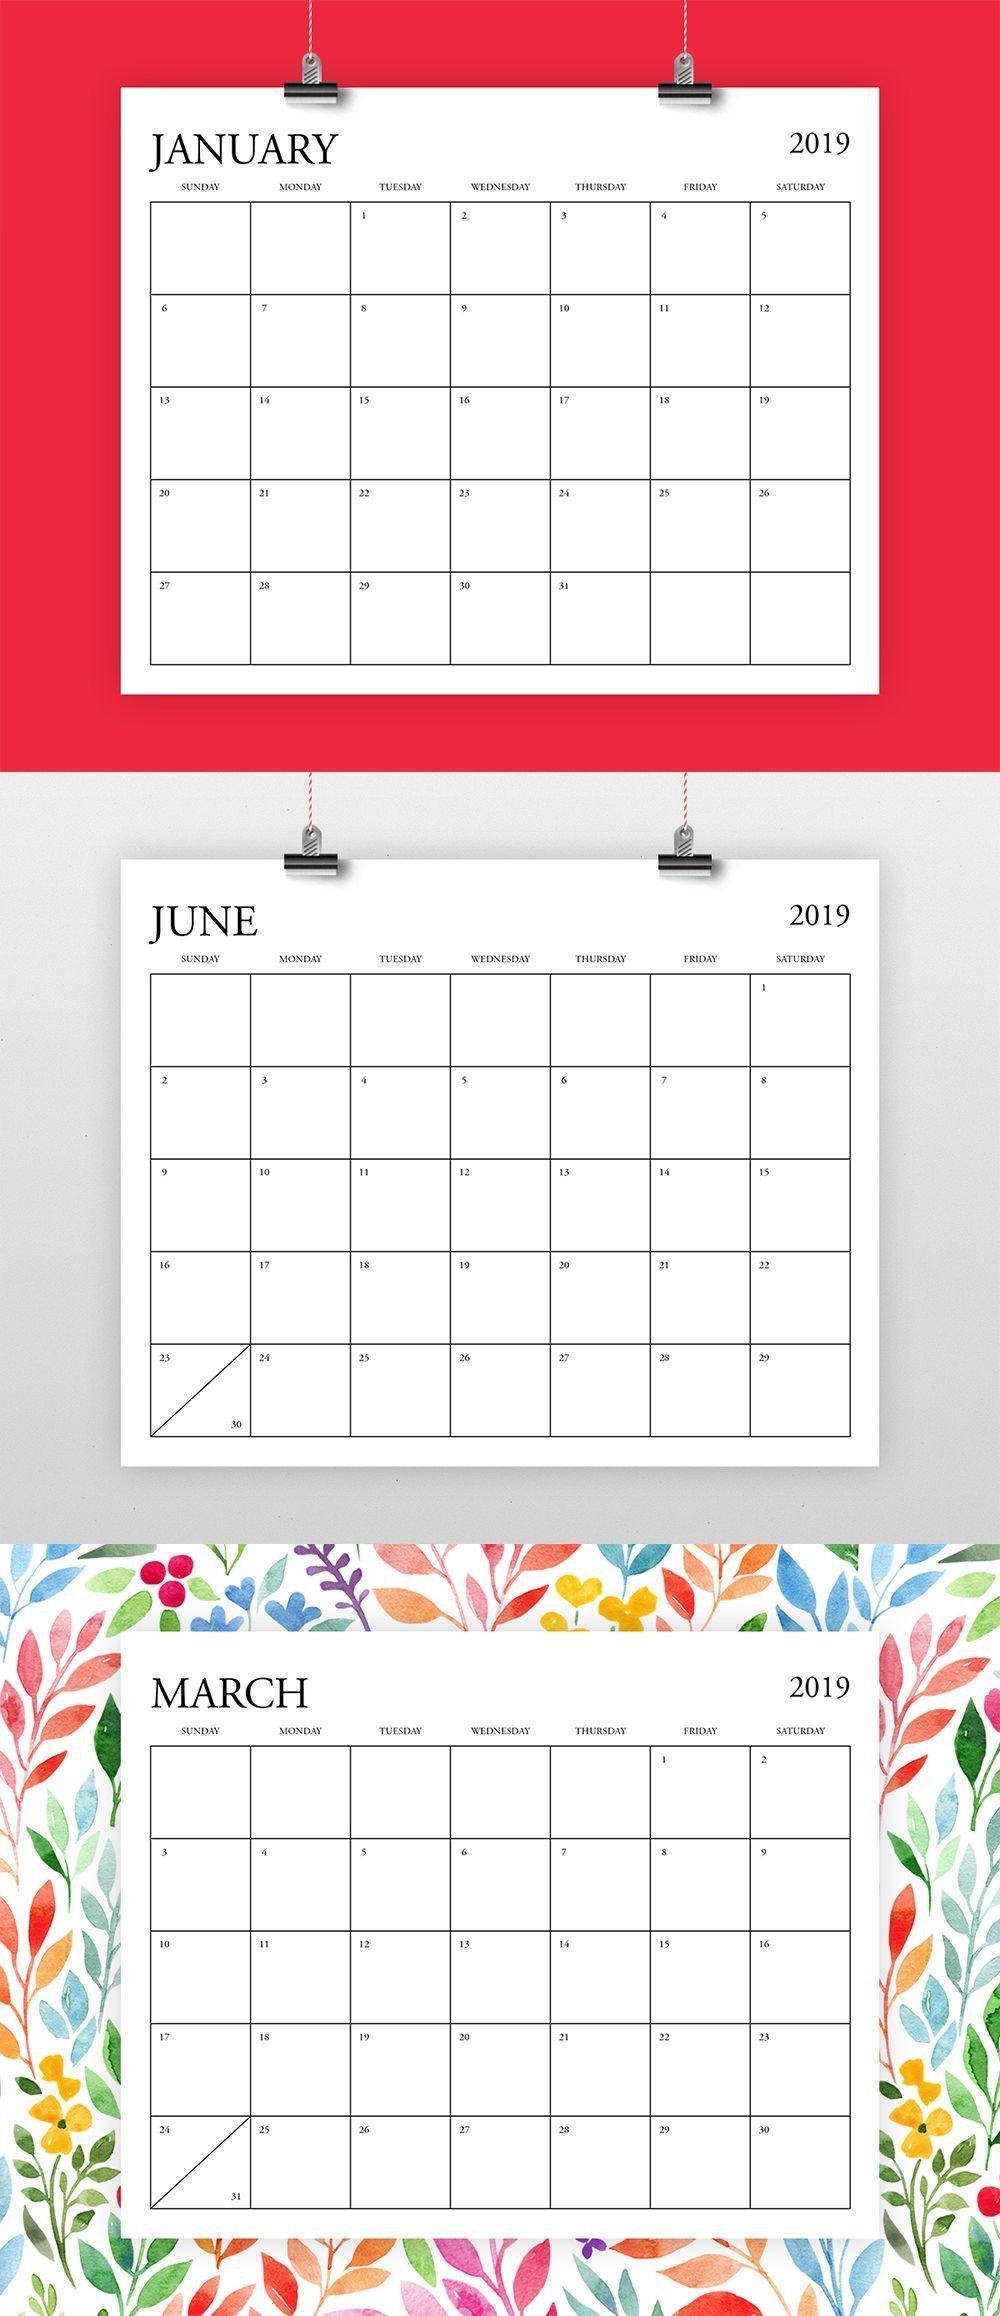 8.5 X 11 Calendar Template   Example Calendar Printable 8.5 X 11 Printer Friendly Calendar